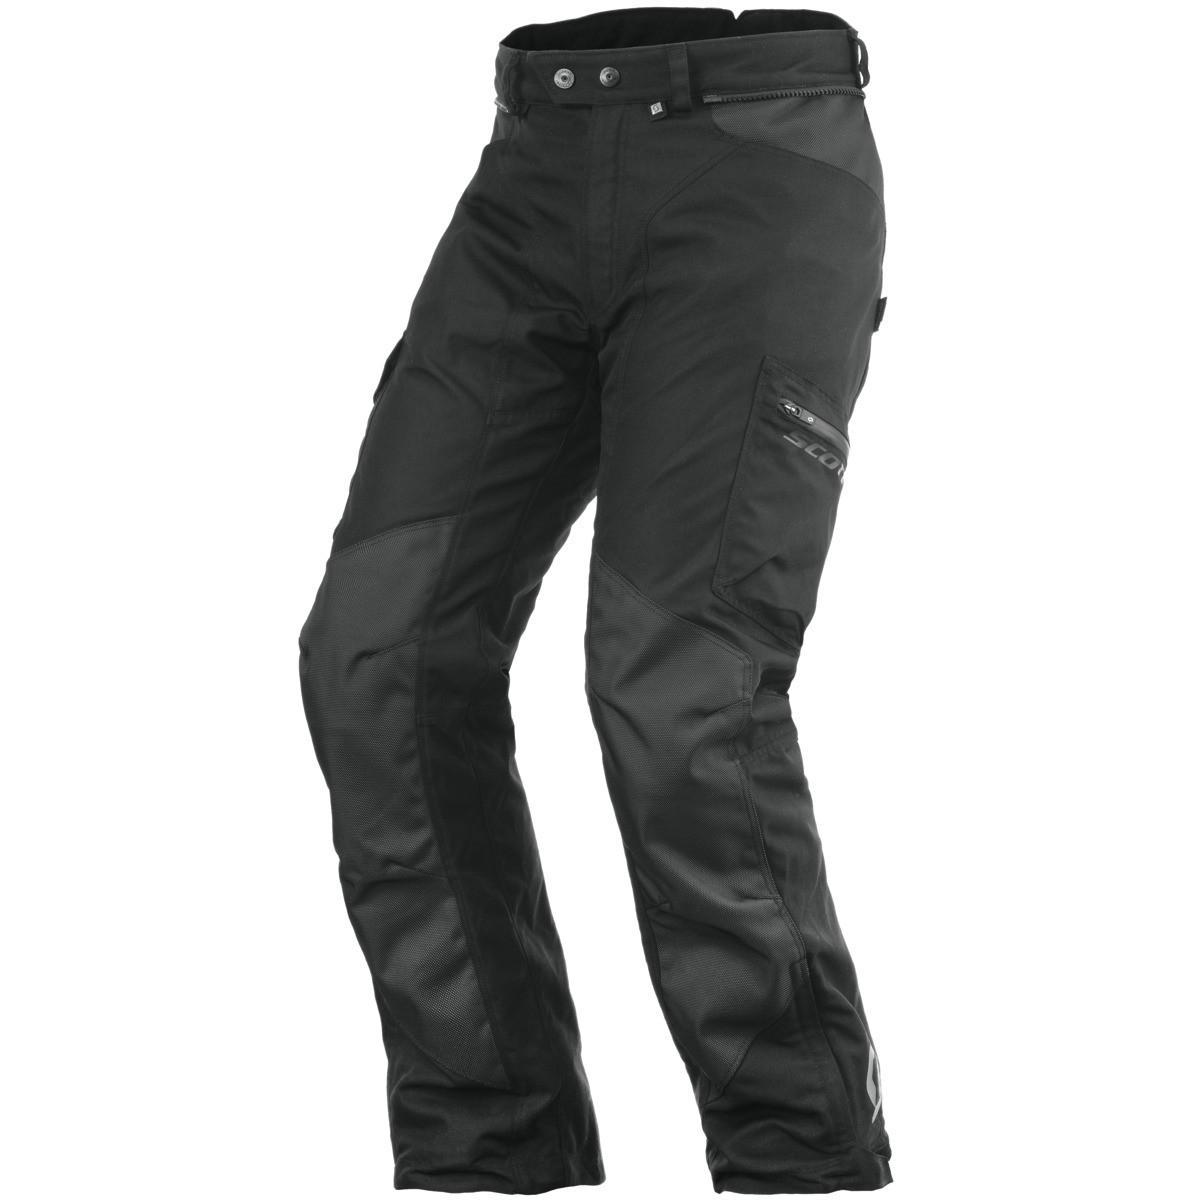 Pantalon moto : l'utilité des pantalons